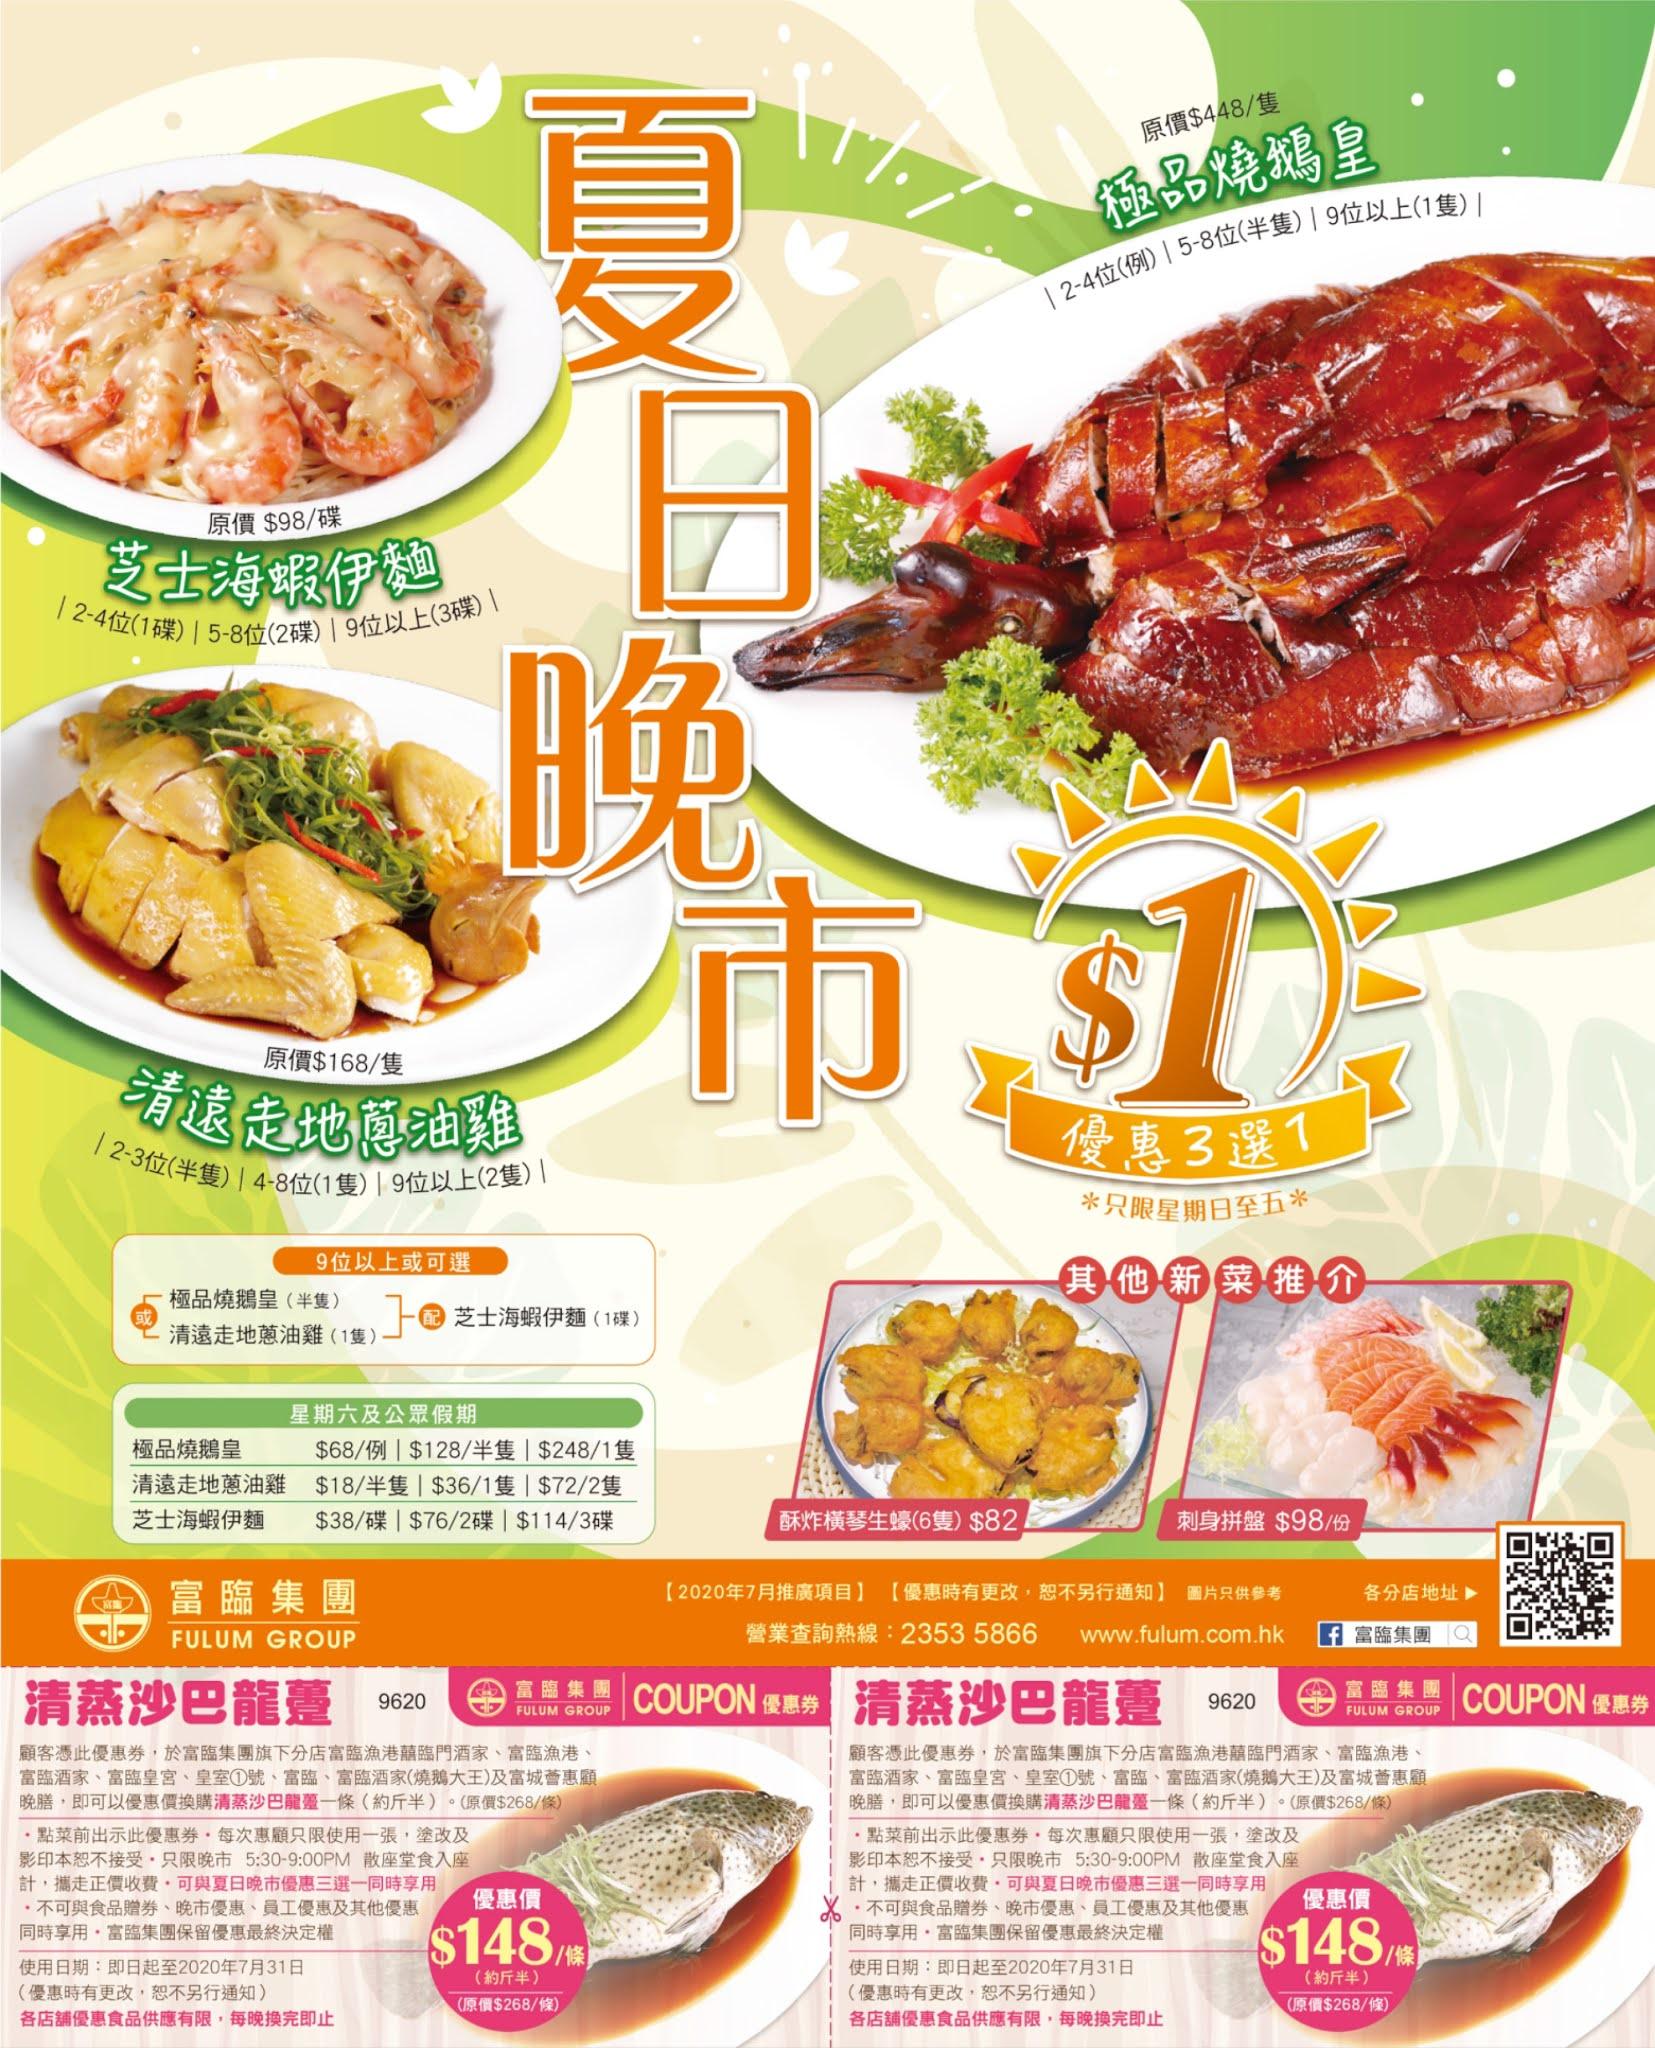 富臨酒家: 夏日晚市 優惠3選1 HK$1 至7月31日